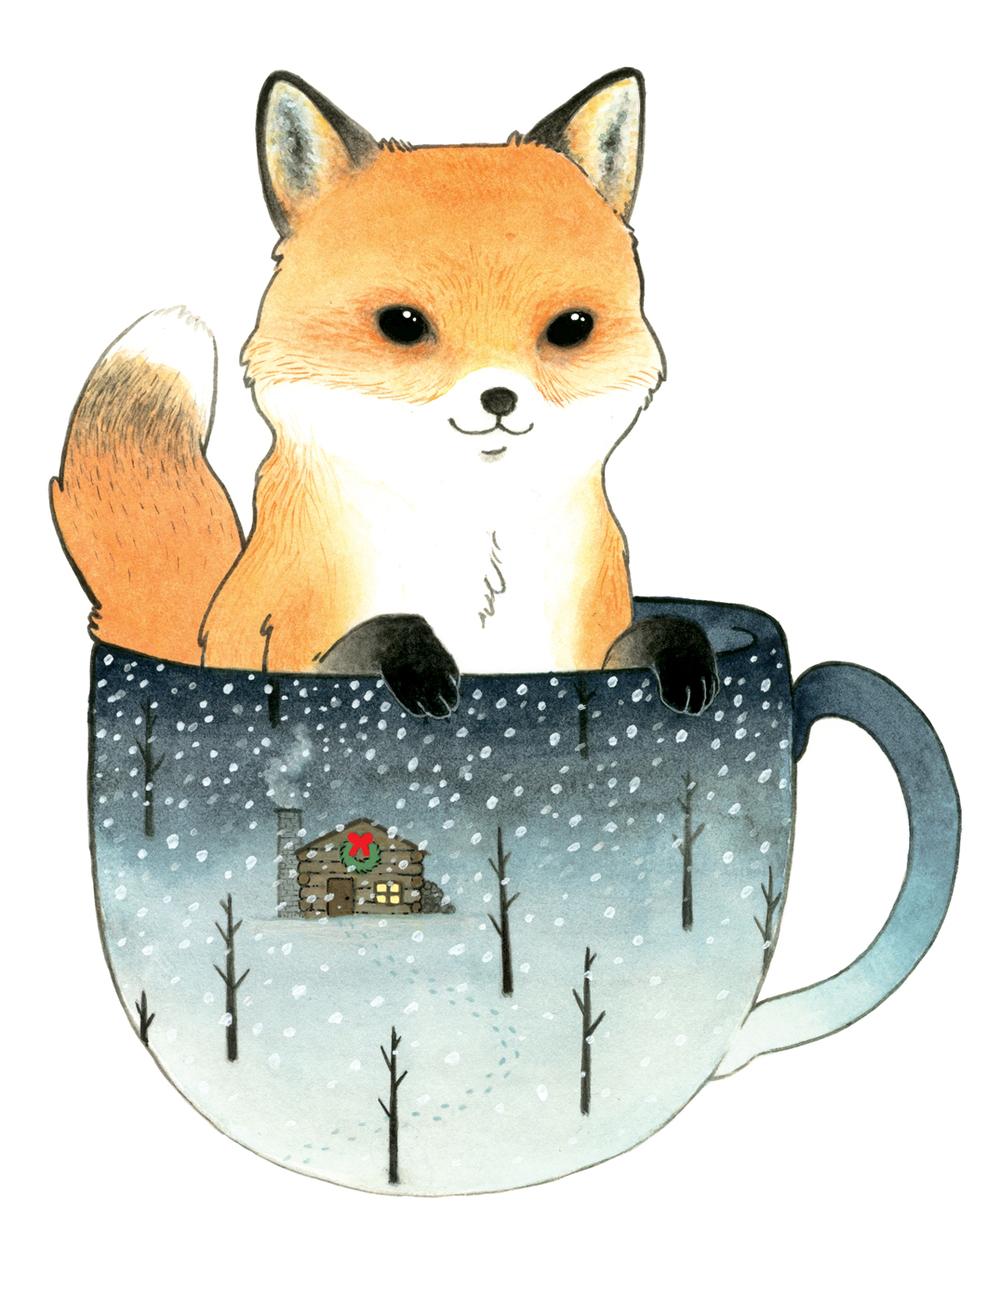 Fox in a Teacup